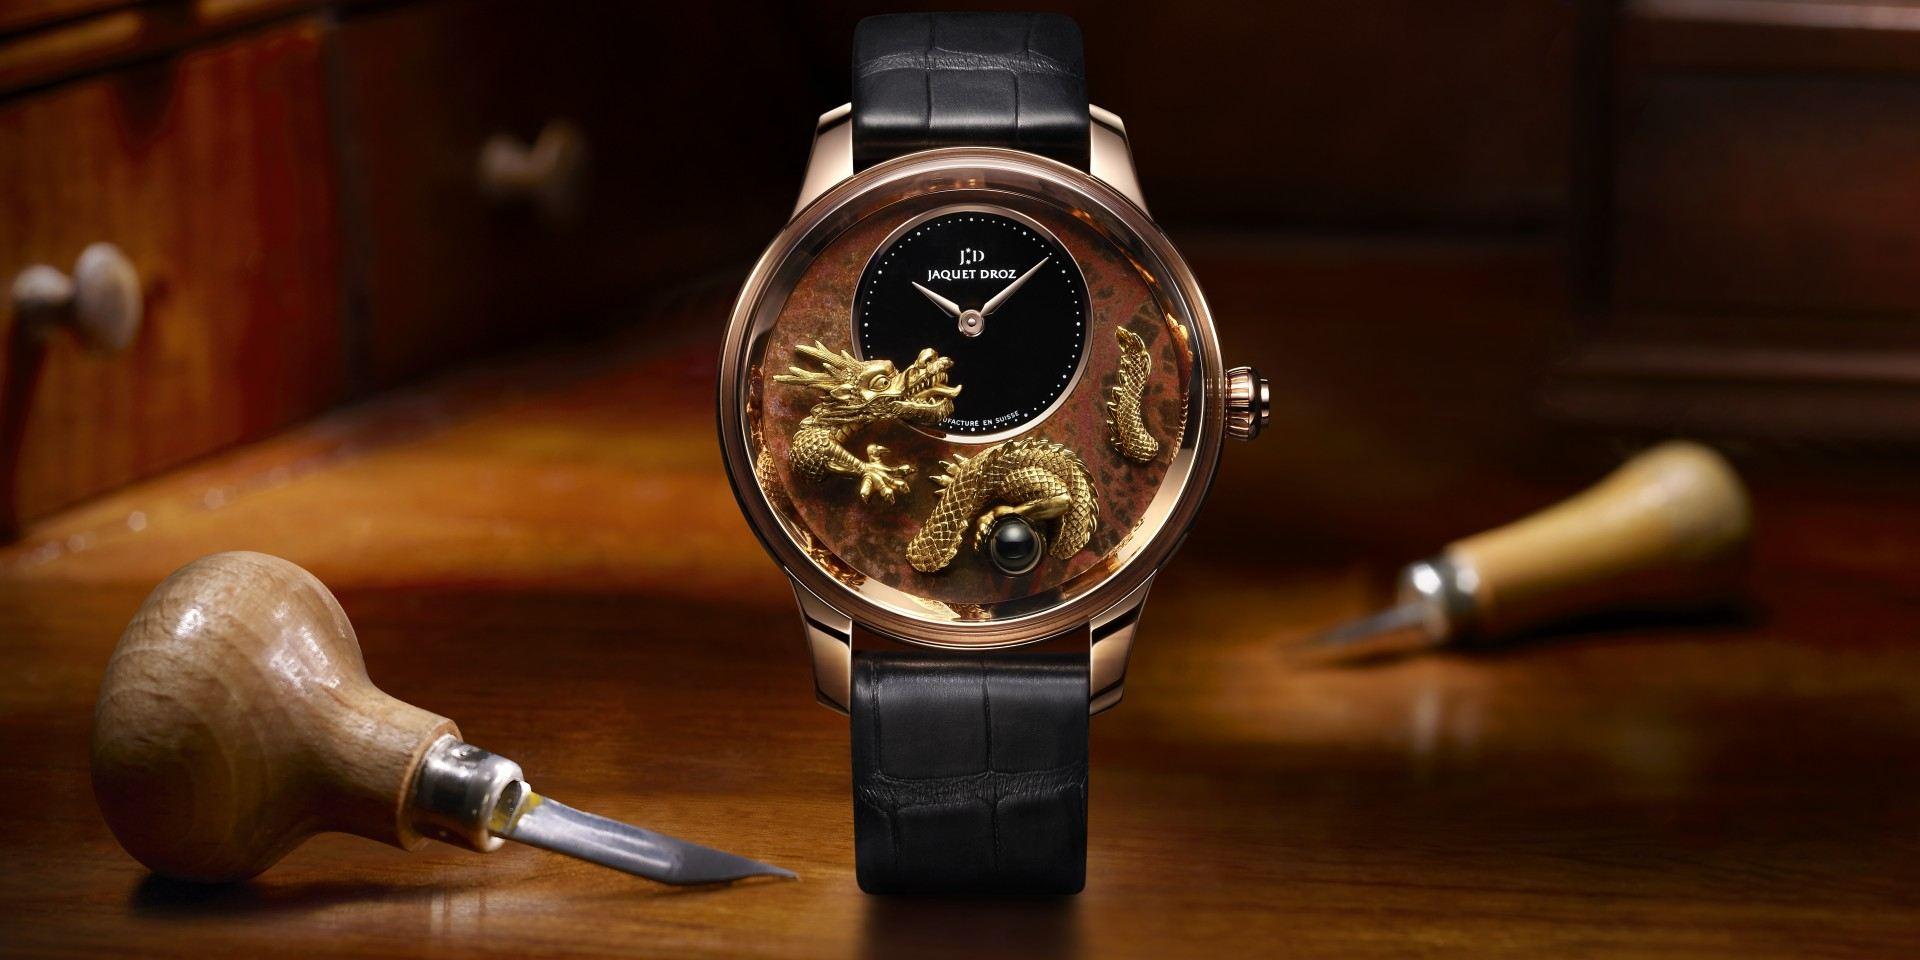 【2020線上錶展】雅克德羅 Petite Heure Minute Relief Dragon 浮雕祥龍時分小針盤腕錶